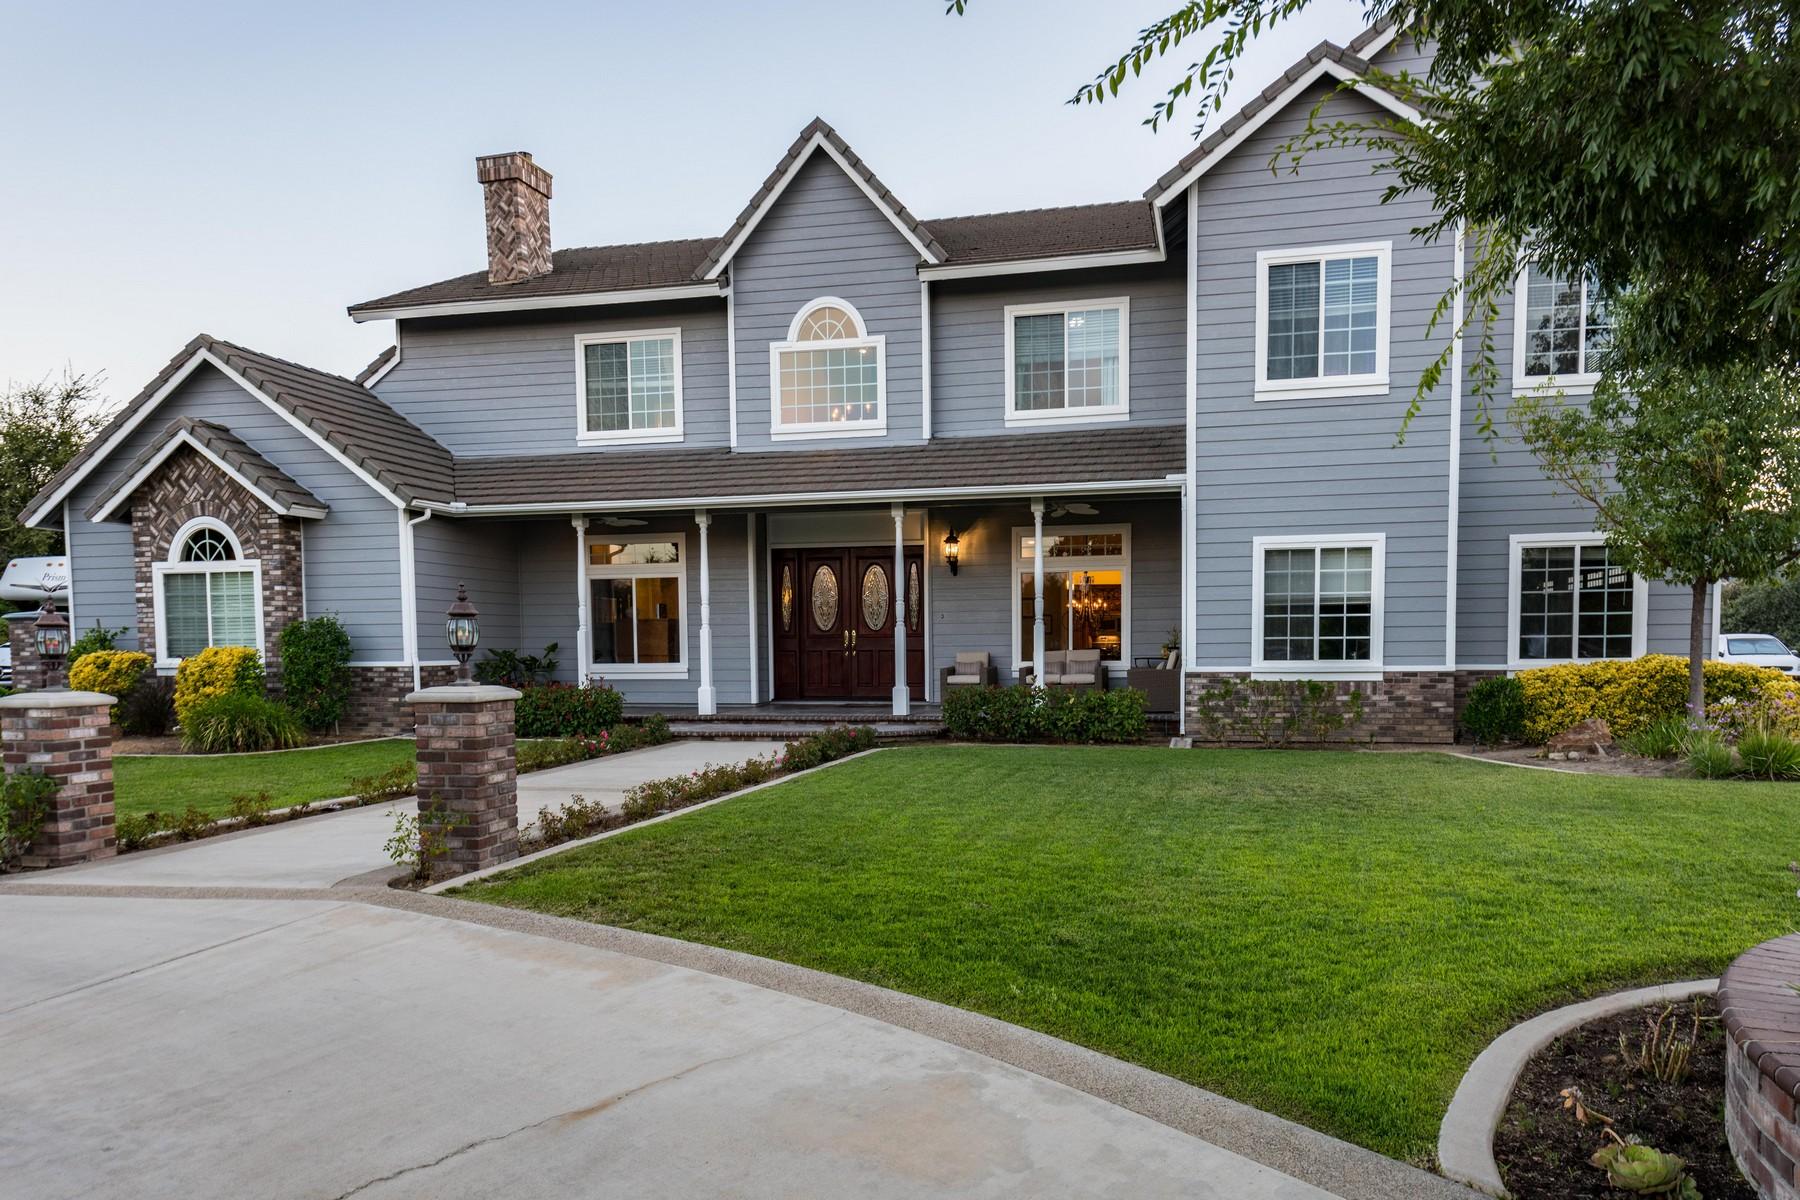 一戸建て のために 売買 アット 19081 Calle Eduardo Murrieta, カリフォルニア 92562 アメリカ合衆国